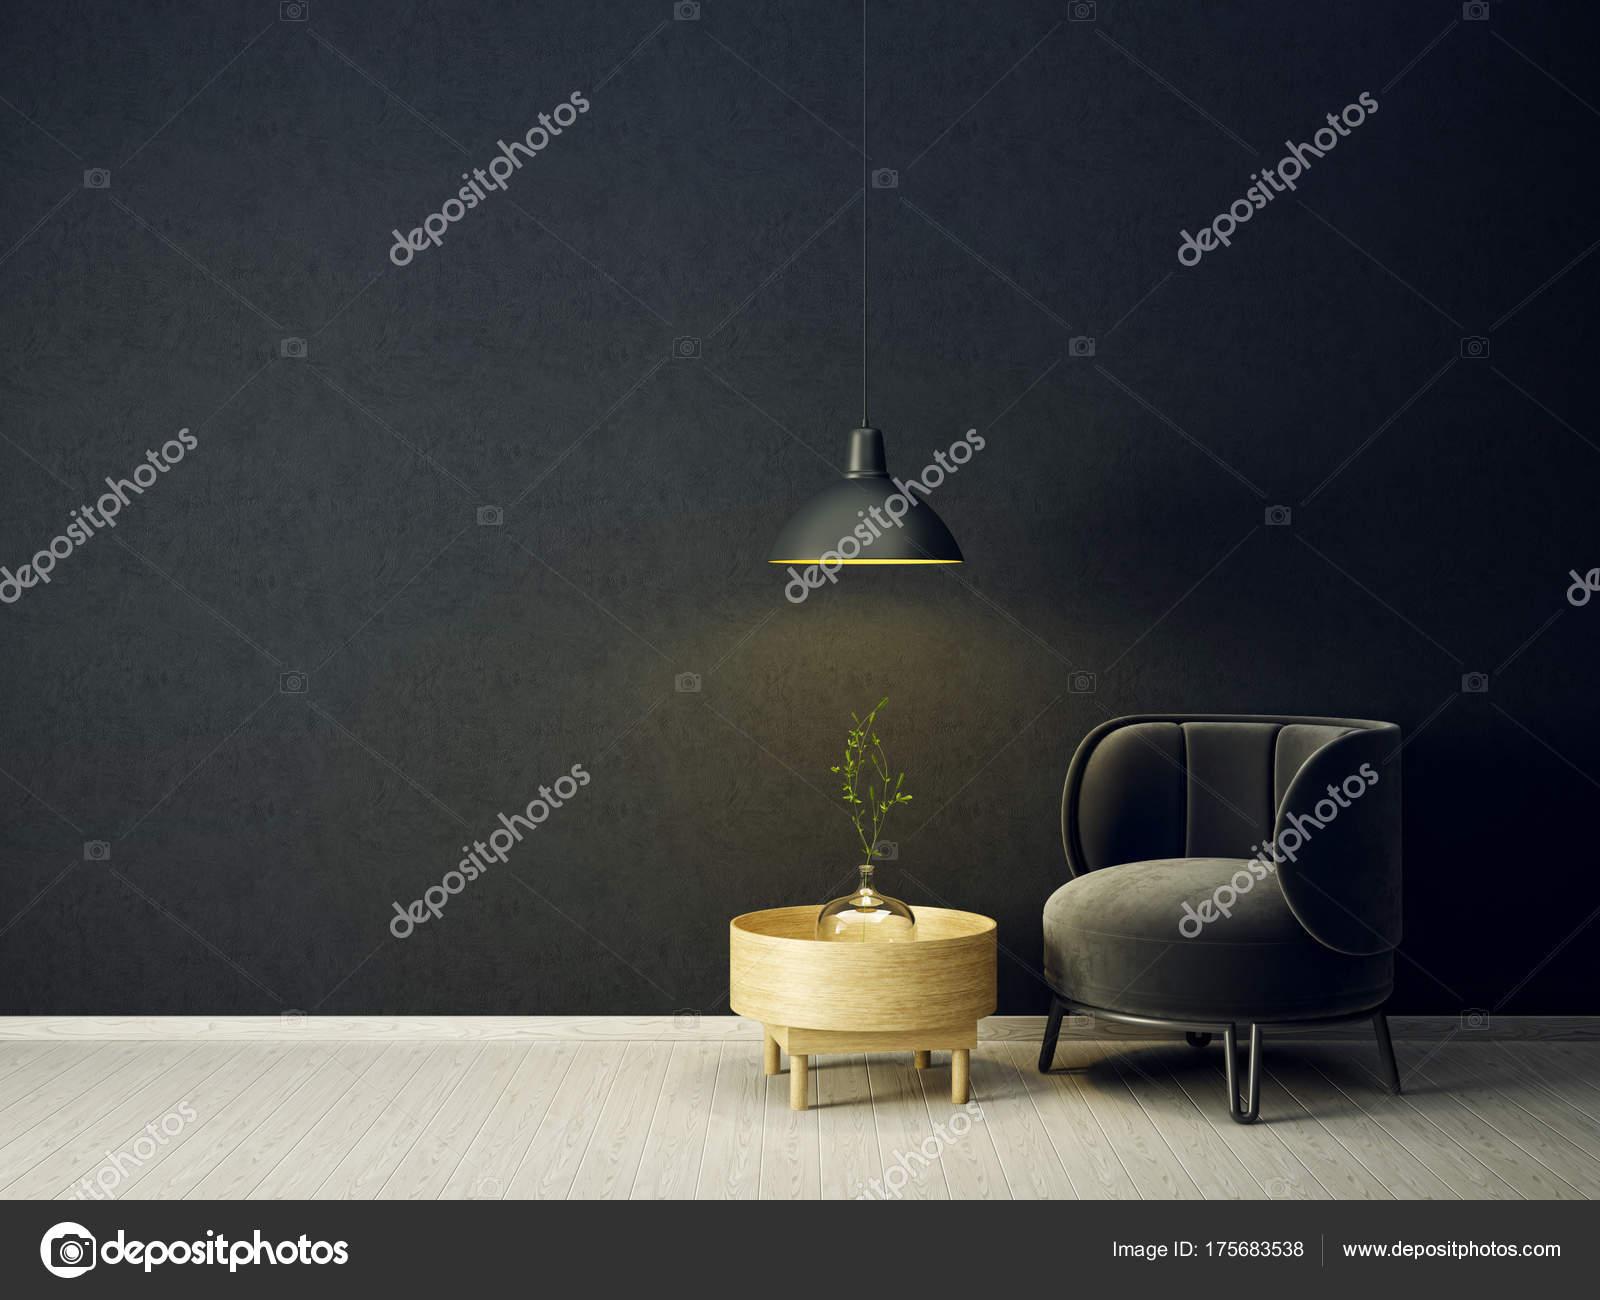 Modernes Wohnzimmer Mit Schwarzen Sessel Und Lampe Skandinavische  Innenarchitektur Möbel U2014 Stockfoto